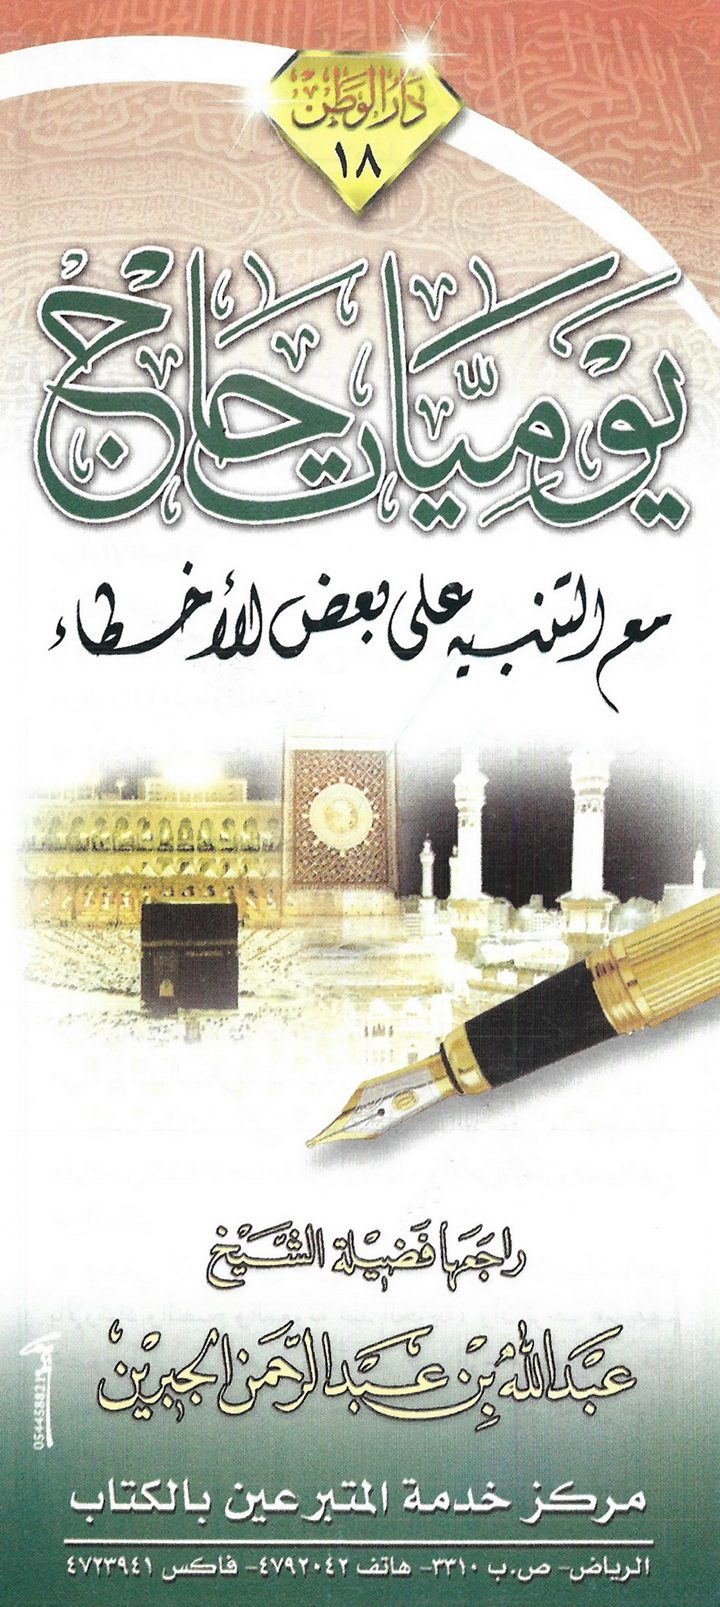 يوميّات حاج (عبد الله بن عبد الرحمن الجبرين – دار الوطن)